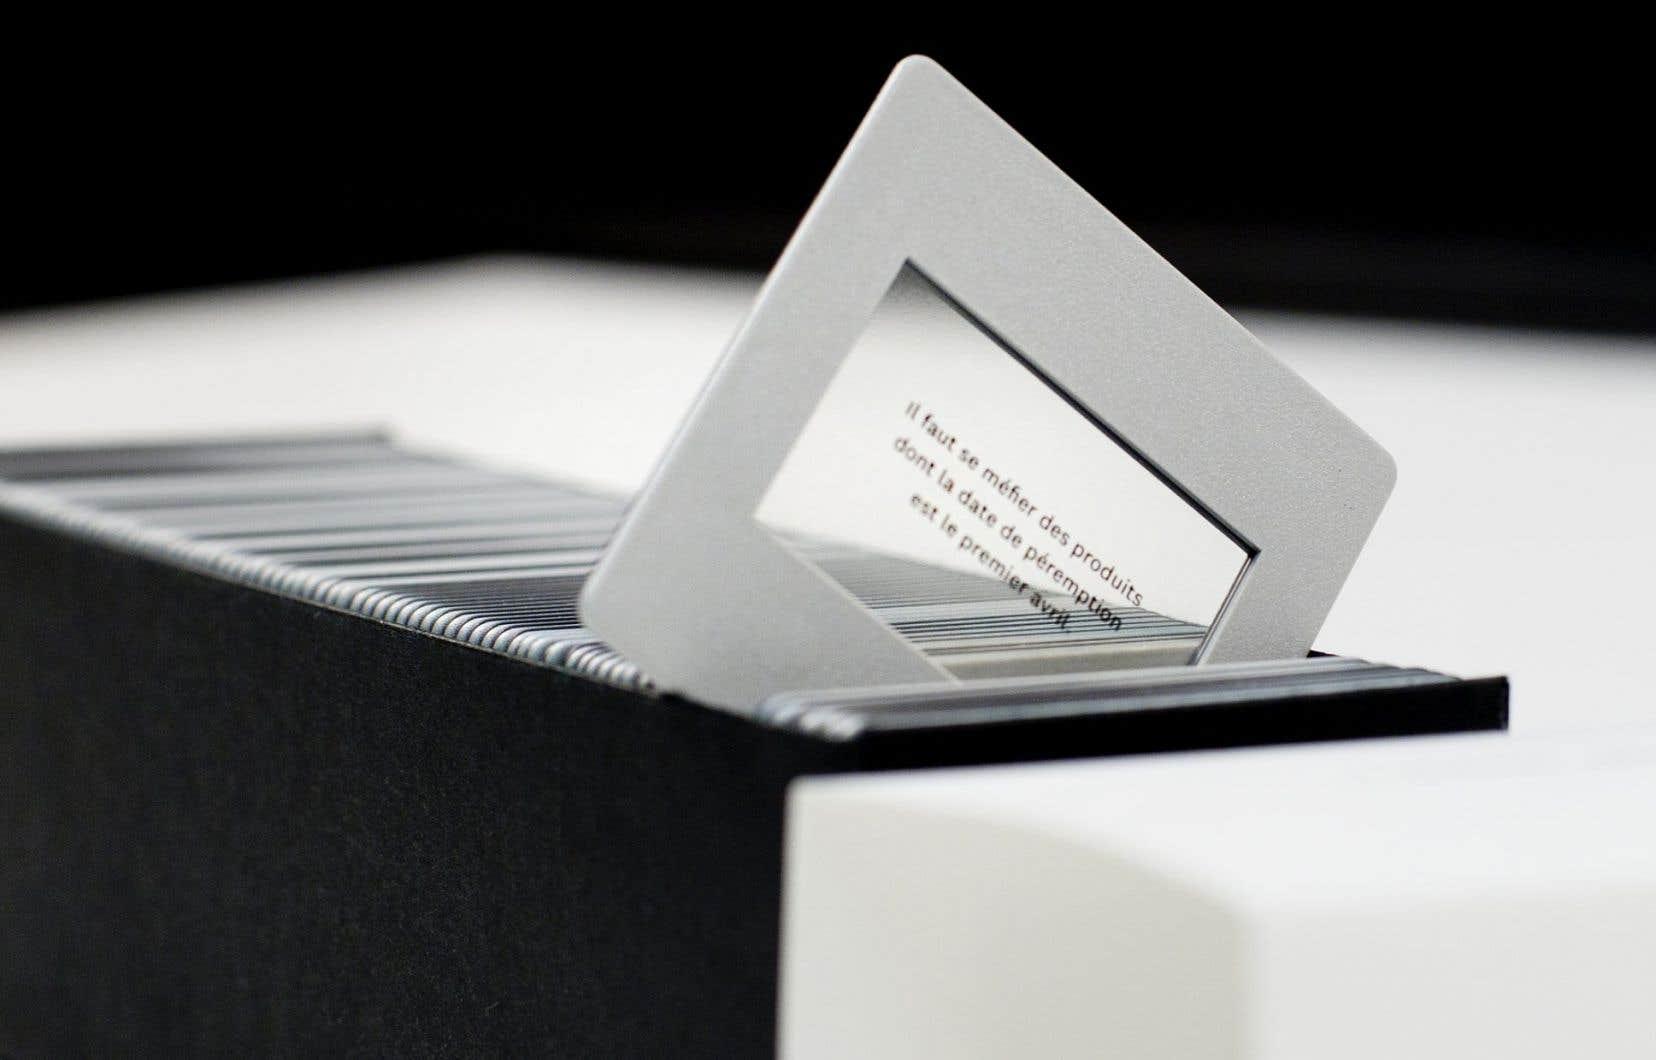 Le Canada a déjà été un chef de file dans l'archivage numérique. Sur notre photo, le<em> Carrousel encyclopédique des grandes vérités de la vie moderne</em>, Marc-Antoine K. Phaneuf et Jean-François Proulx, Montréal, 2010.